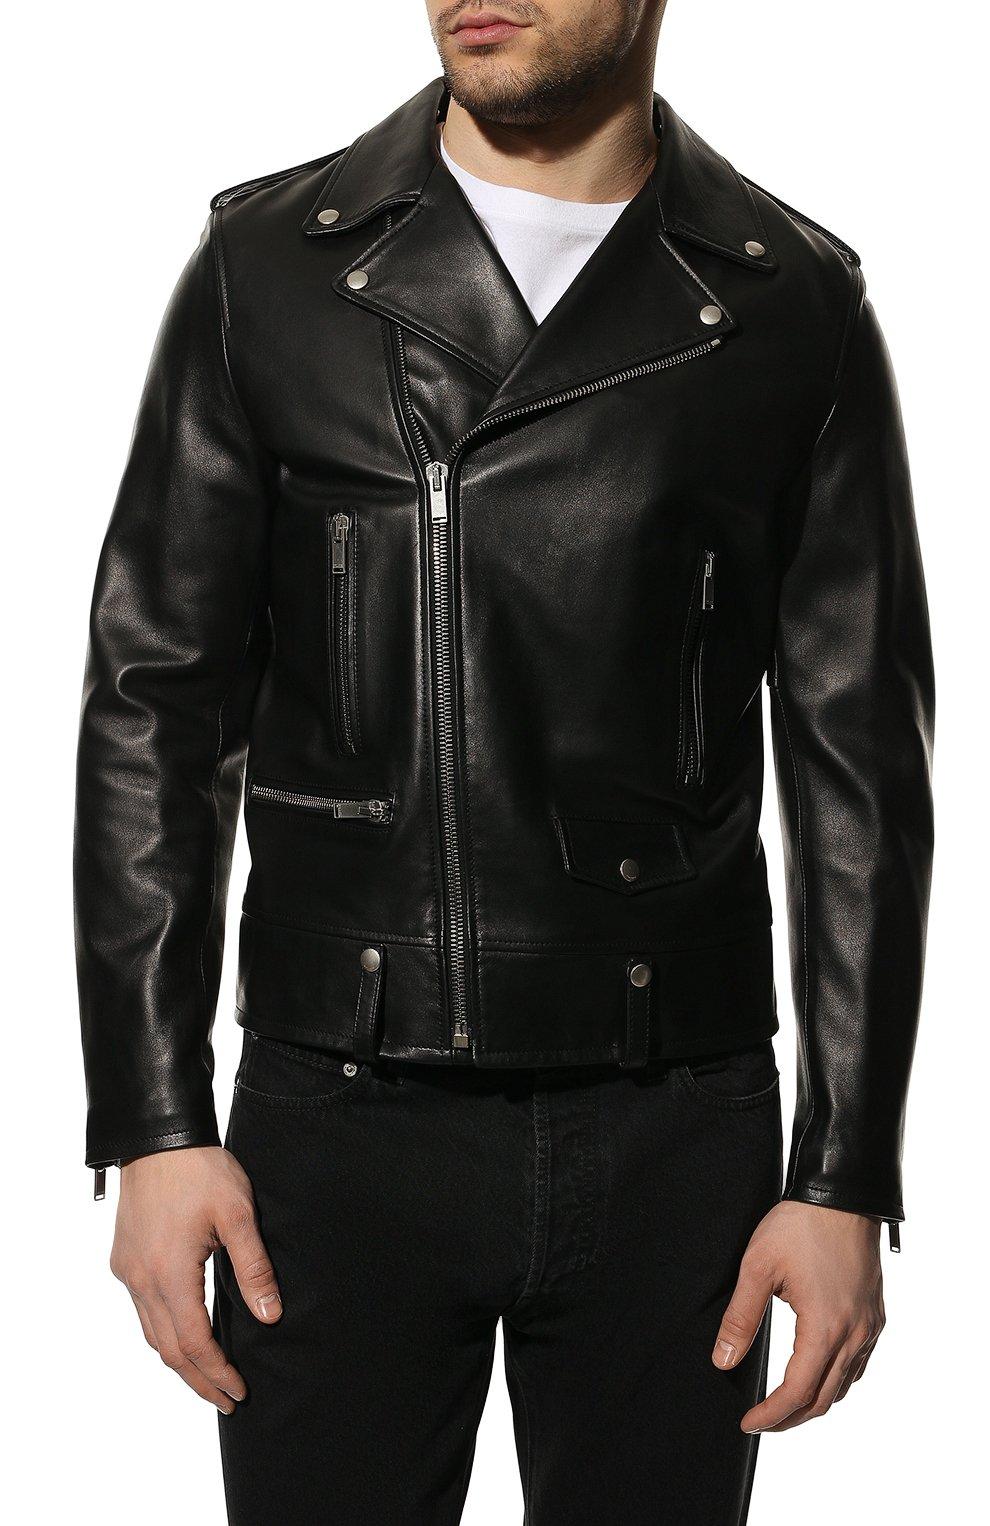 Мужская кожаная куртка SAINT LAURENT черного цвета, арт. 484284/Y5YA2 | Фото 3 (Кросс-КТ: Куртка; Рукава: Длинные; Мужское Кросс-КТ: Куртка-верхняя одежда, Верхняя одежда, Кожа и замша; Длина (верхняя одежда): Короткие; Материал подклада: Купро; Статус проверки: Проверена категория)